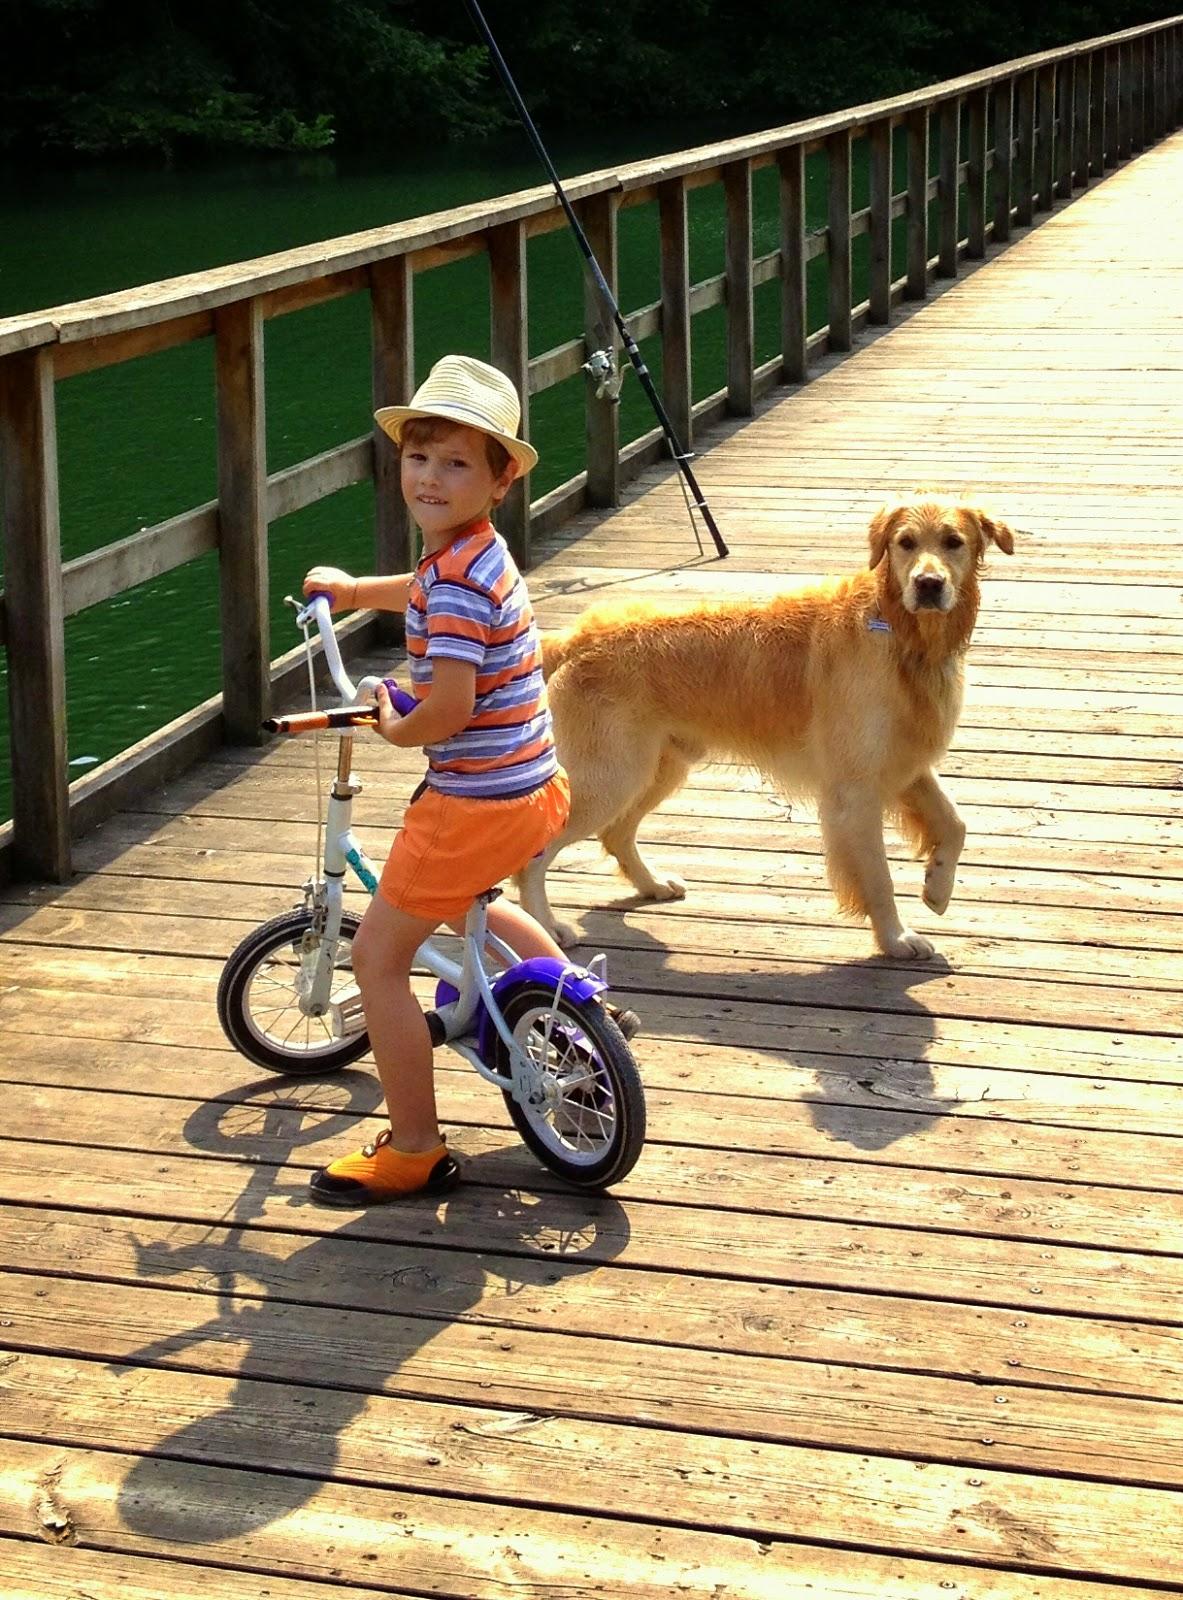 Asturias con niños a dónde vamos hoy? al I Encuentro Mierensepor los animales adoptados